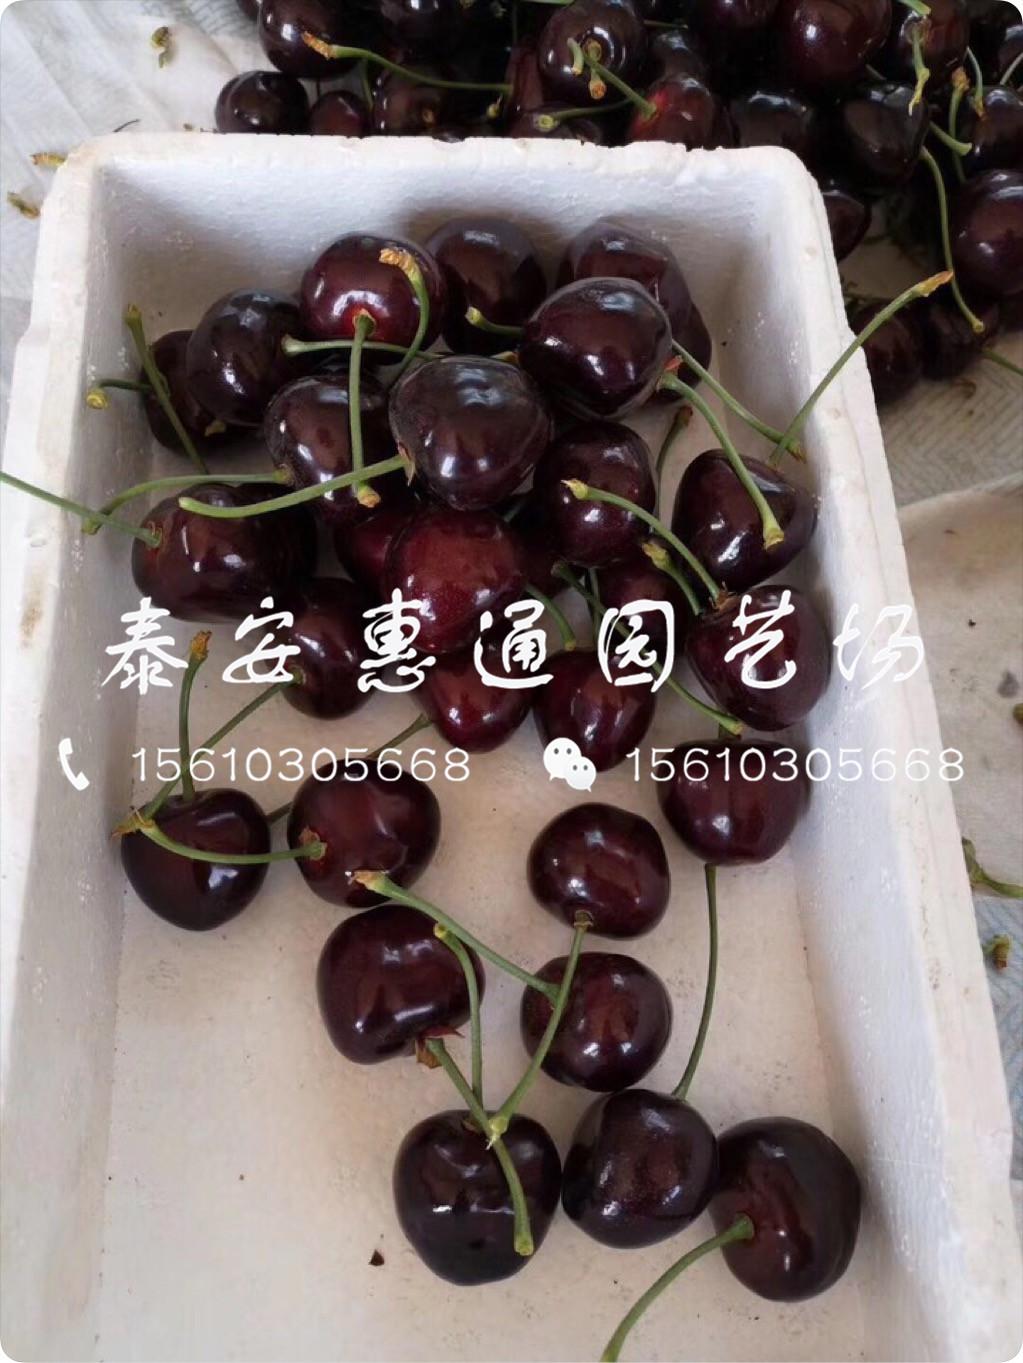 抗寒的4公分樱桃树苗、4公分樱桃树苗是多少钱一棵